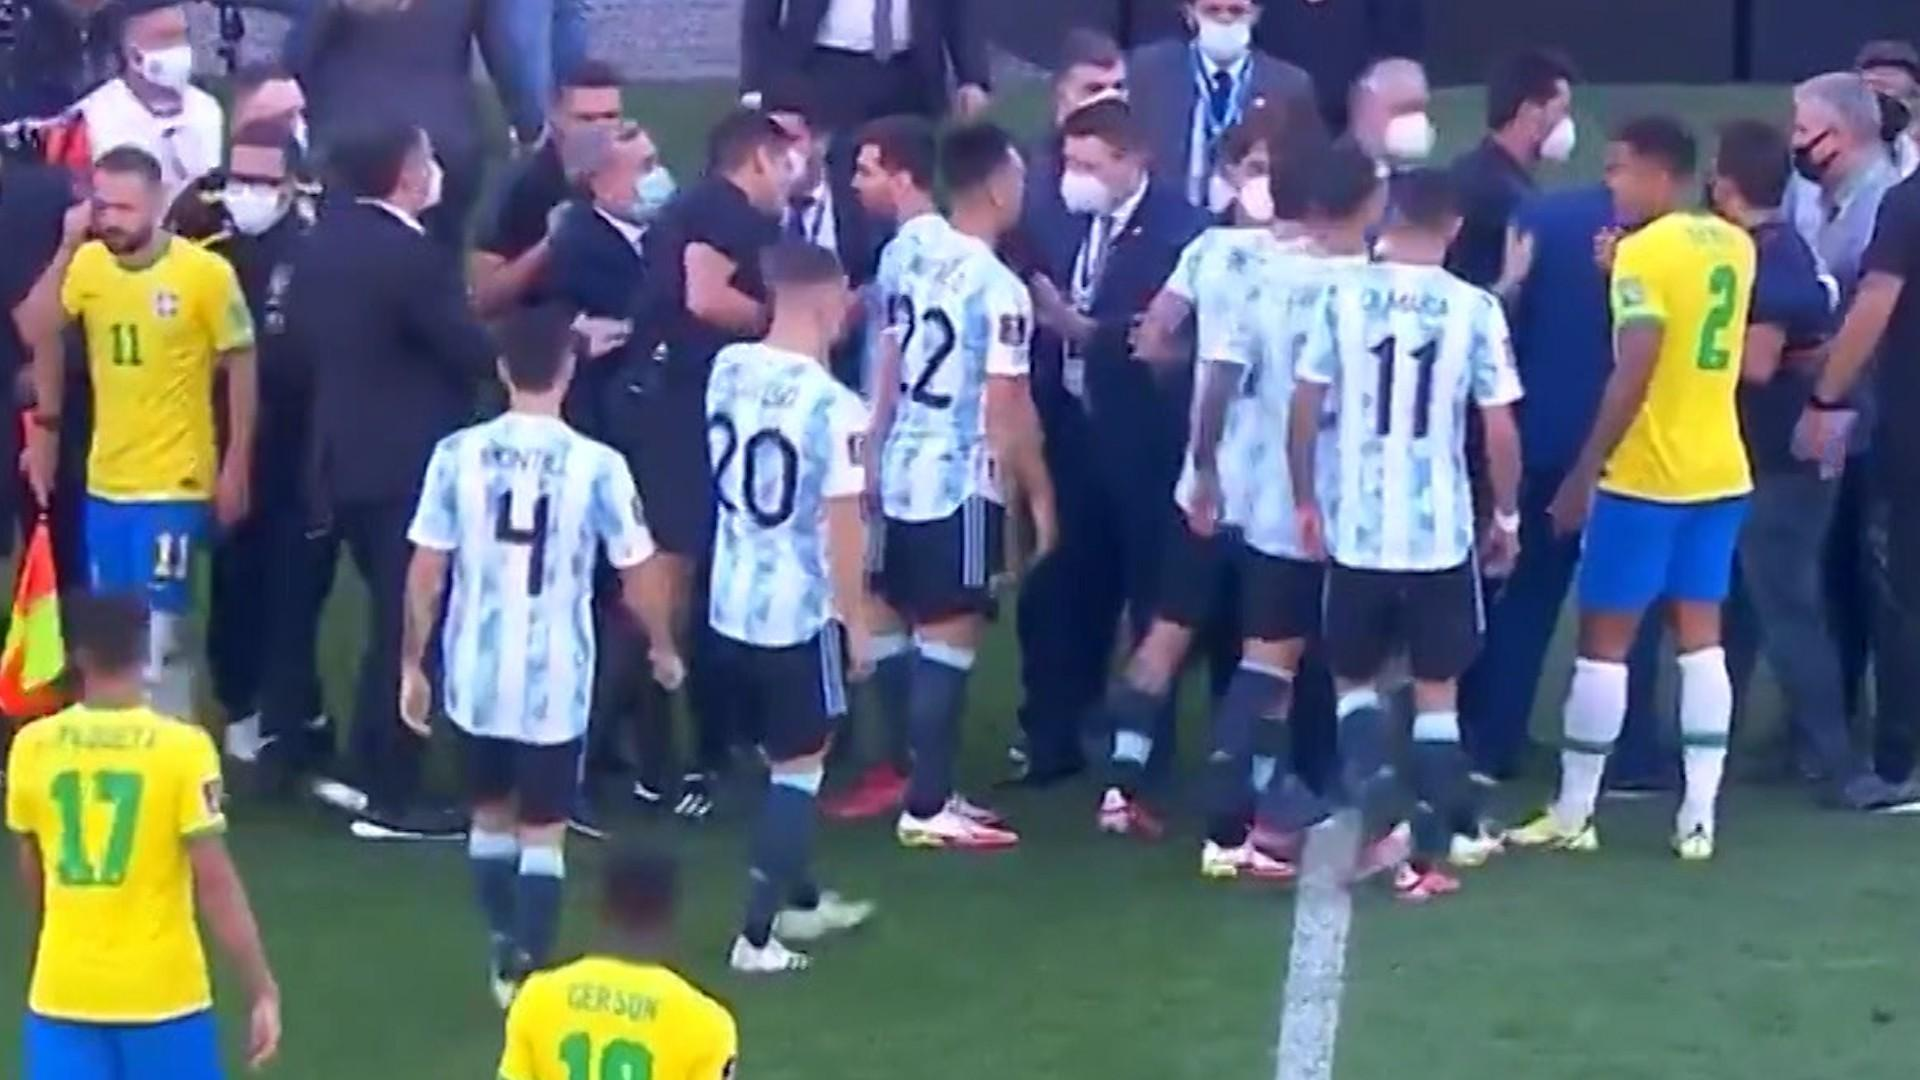 Derby-ul Brazilia - Argentina a fost suspendat după ce autorităţile medicale au intrat pe teren. Patru jucători argentinieni nu au respectat carantina - VIDEO